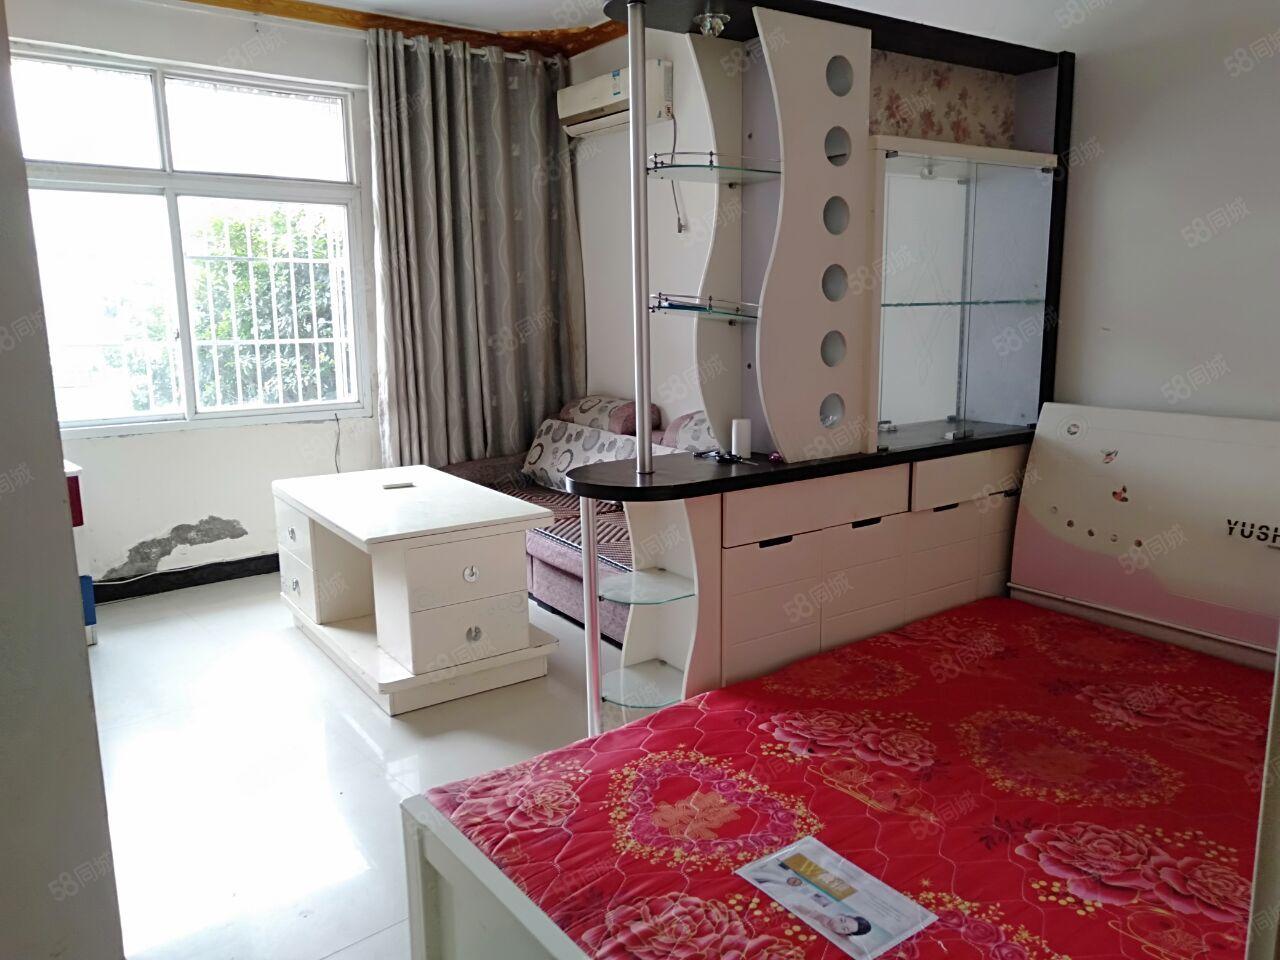 小转盘3楼2室1厅60平米精装修家具家电齐全拎包入住